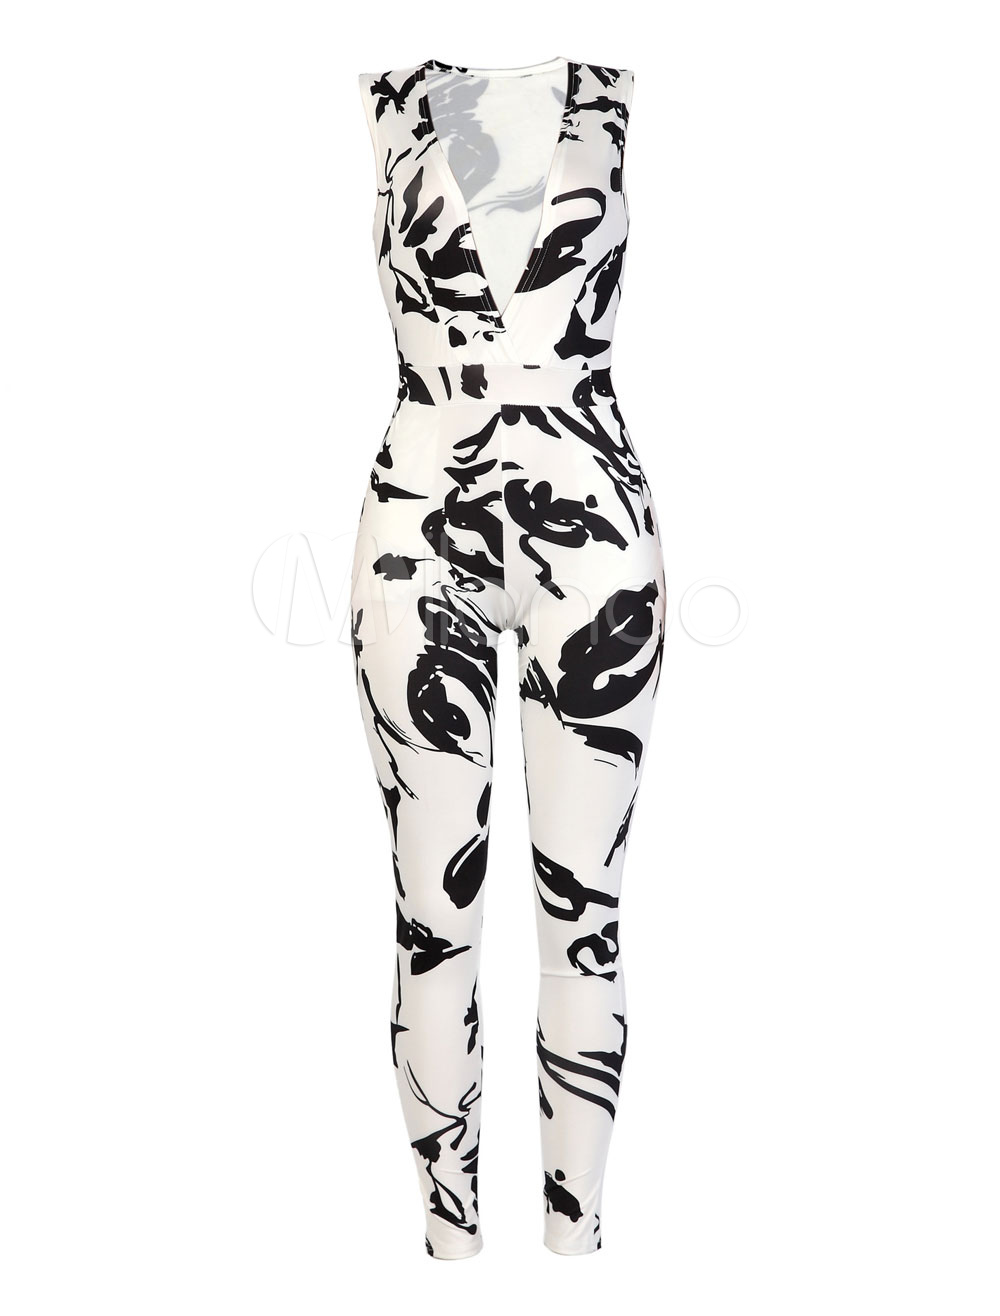 Buy Women's Black Jumpsuit V Neck Sleeveless Printed Skinny Leg Long Jumpsuit for $29.69 in Milanoo store